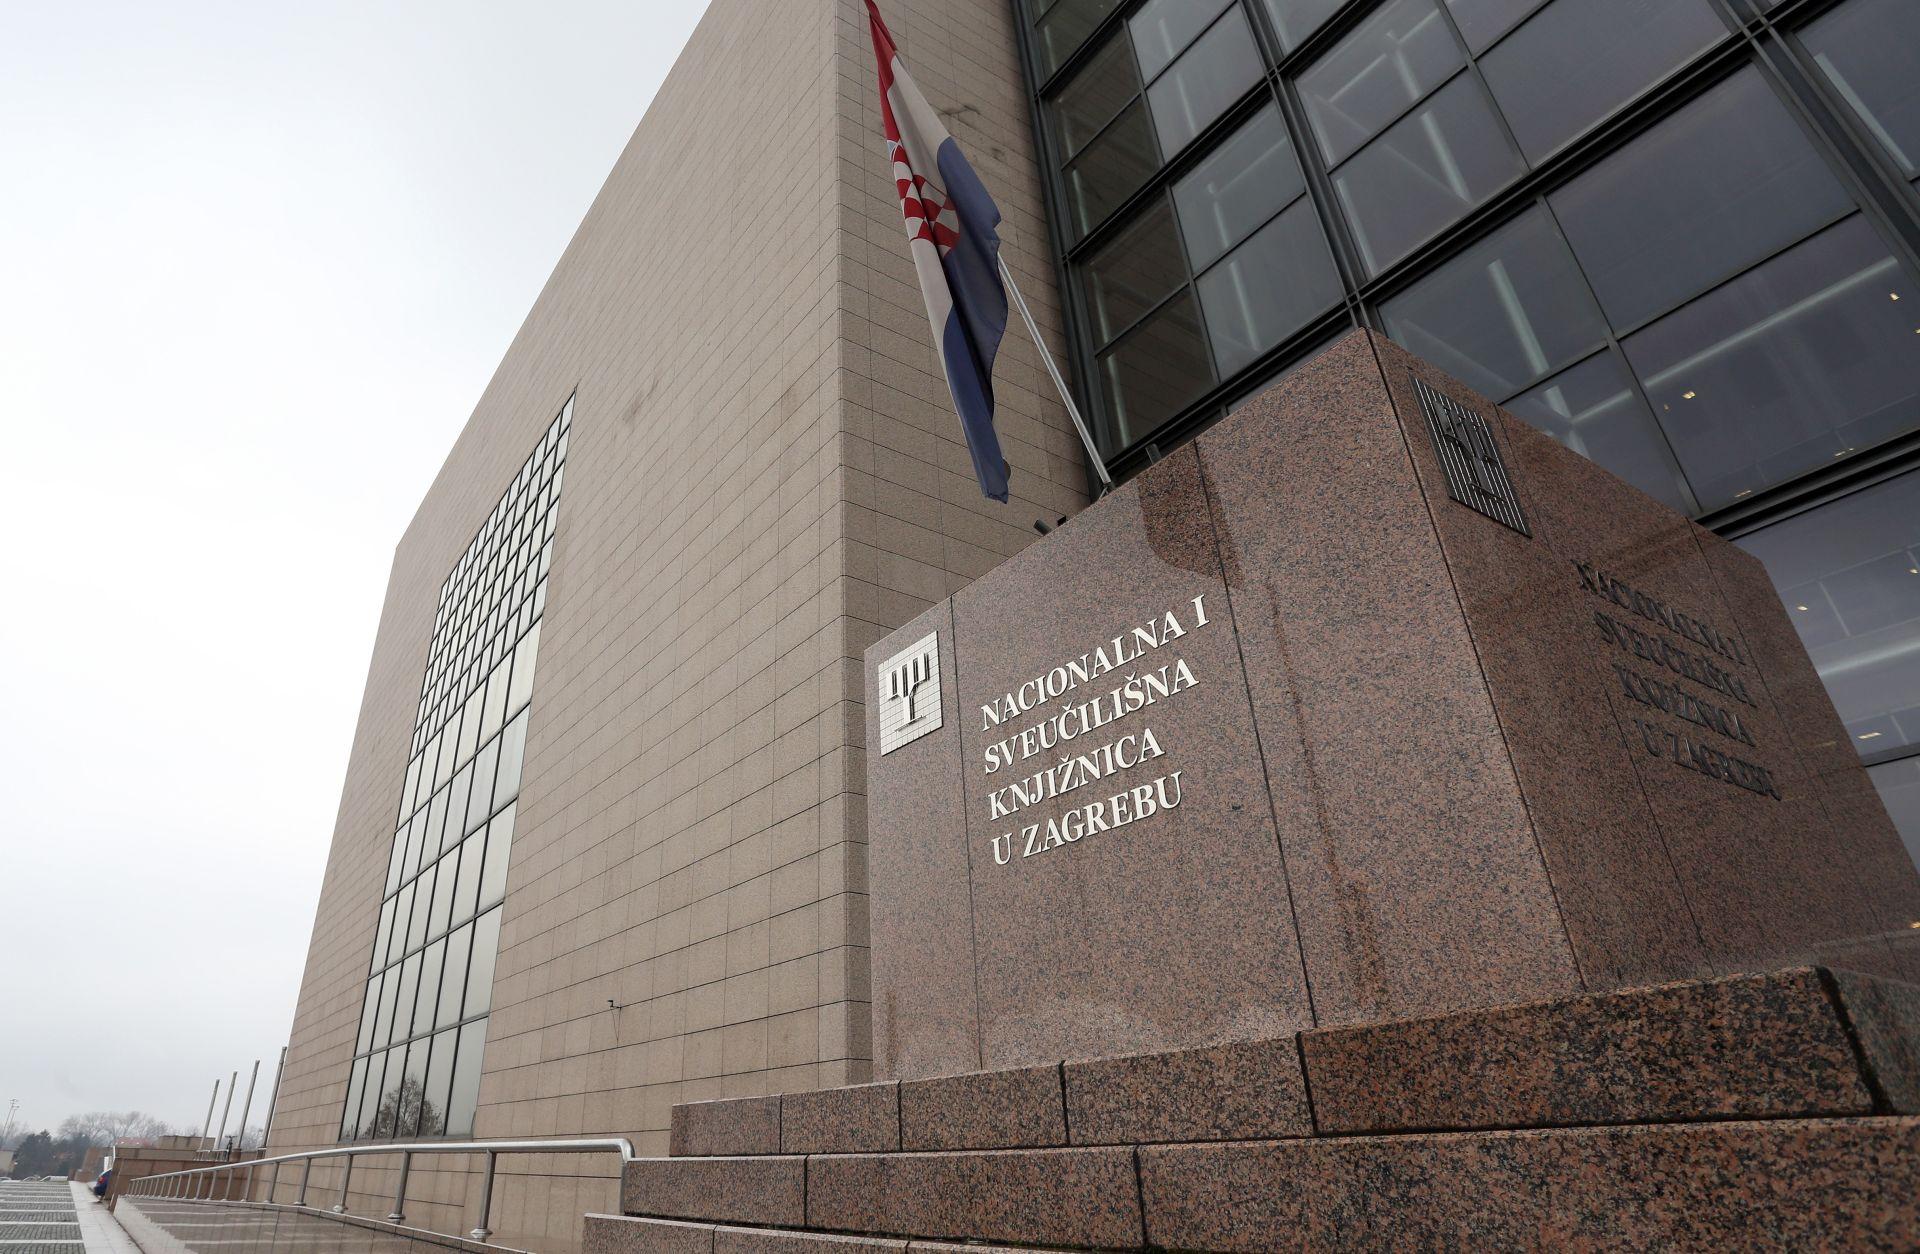 Obilježen Dan Nacionalne i sveučilišne knjižnice